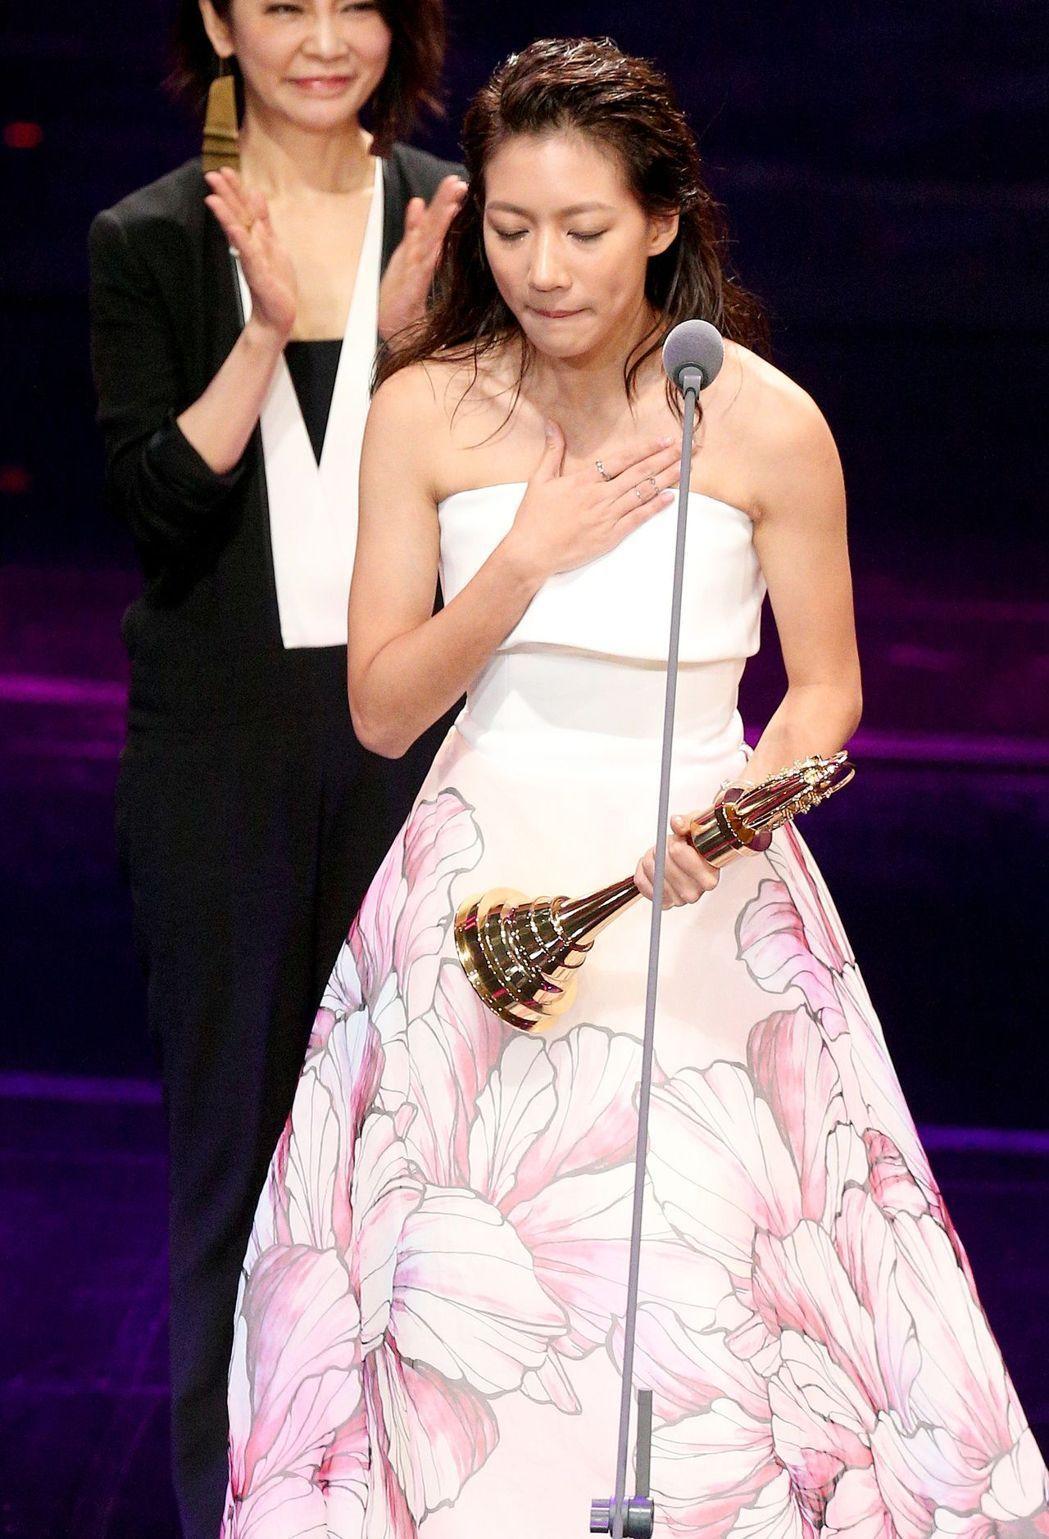 陳妤以「戀愛沙塵暴」拿下新人獎時情緒激動。記者林伯東/攝影